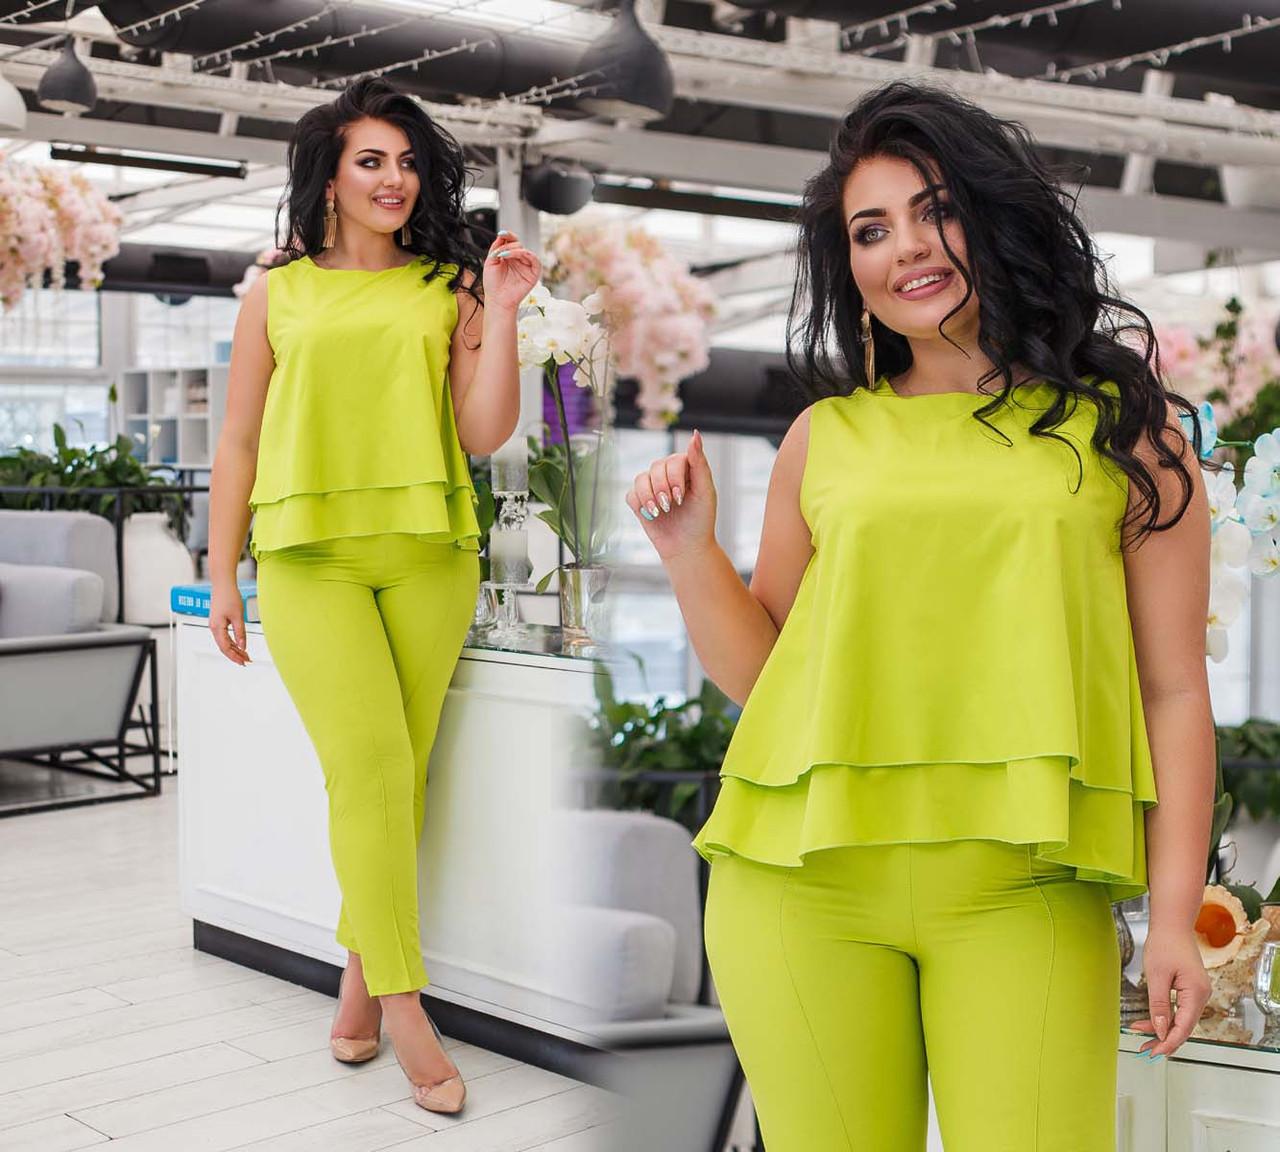 """Жіночий стильний брючний костюм у великих розмірах """"Бенгалин Туніка Разлетайка"""" в кольорах (DG-ак 0392)"""